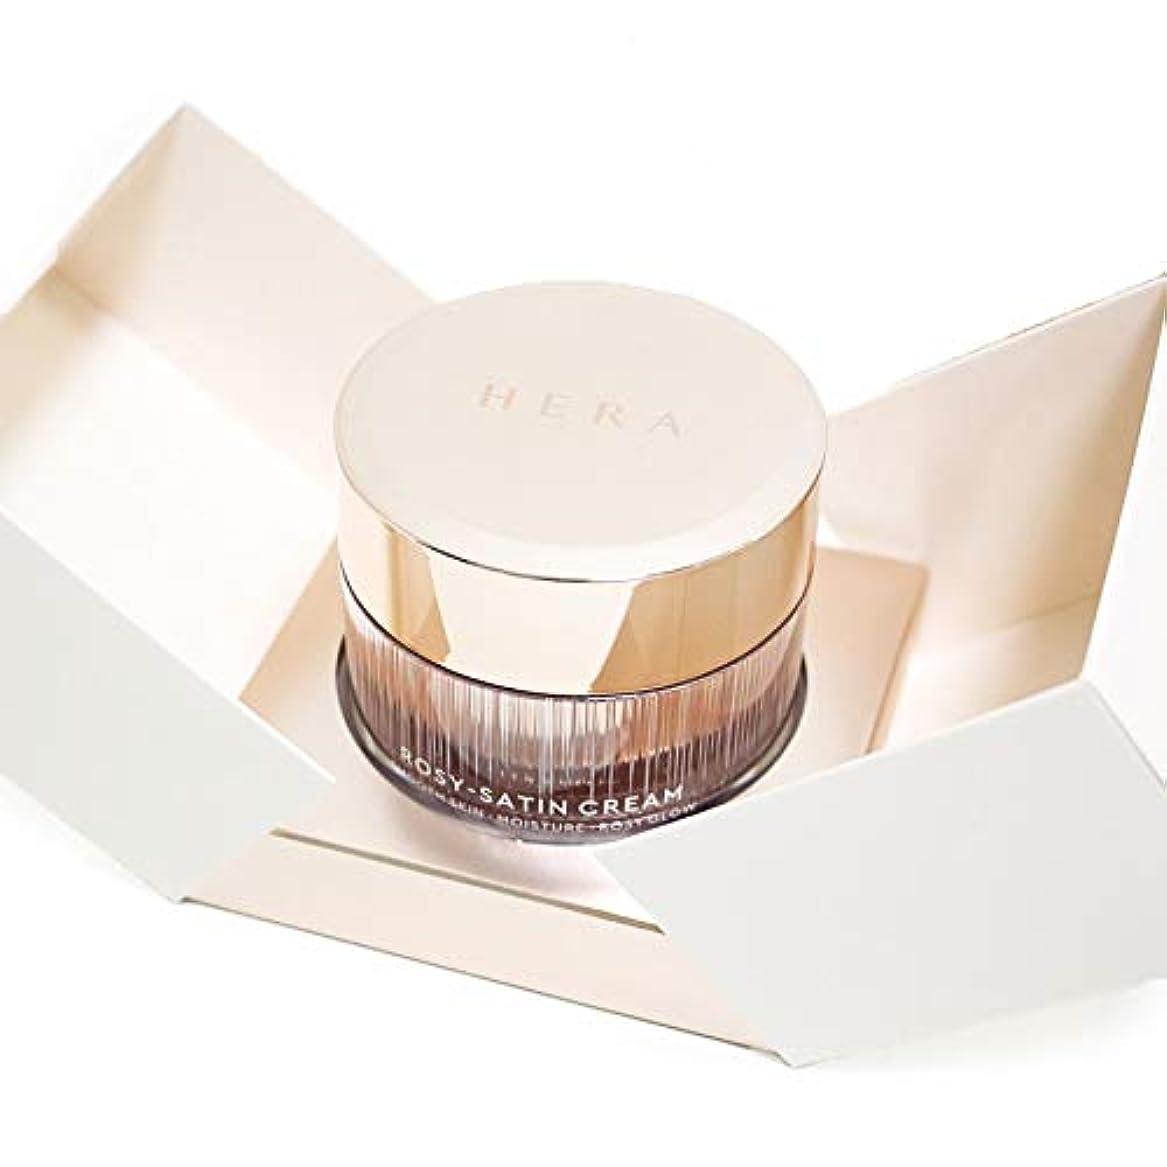 ルーム精神的に美的[ヘラ HERA] 新発売 ロージーサテンクリーム50ML Rosy-Satin Cream 50ml  海外直送品